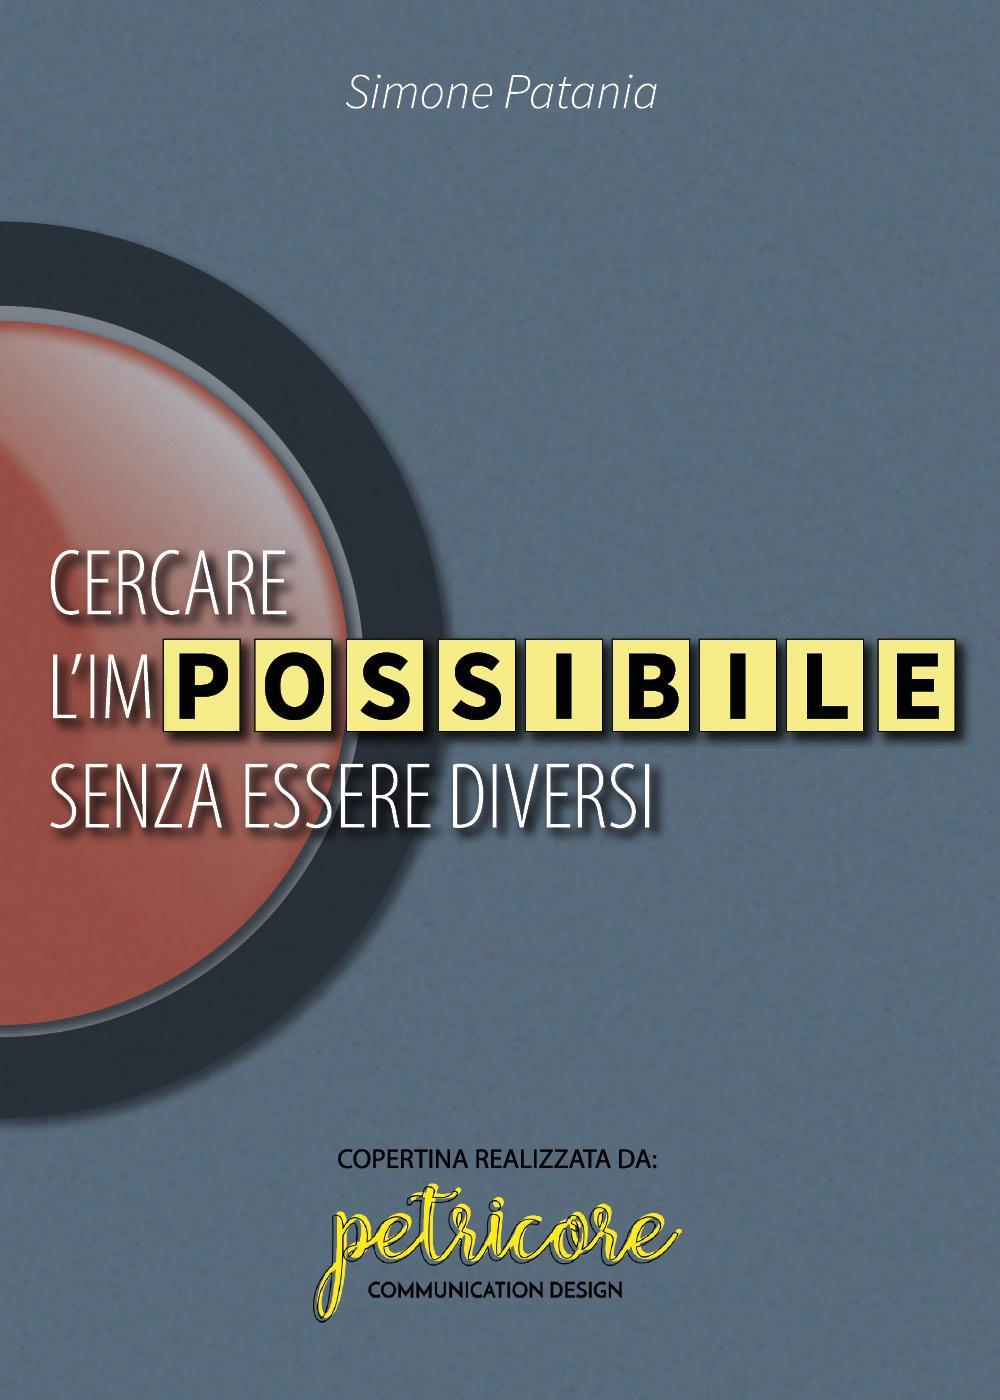 Cercare l'impossibile senza essere diversi